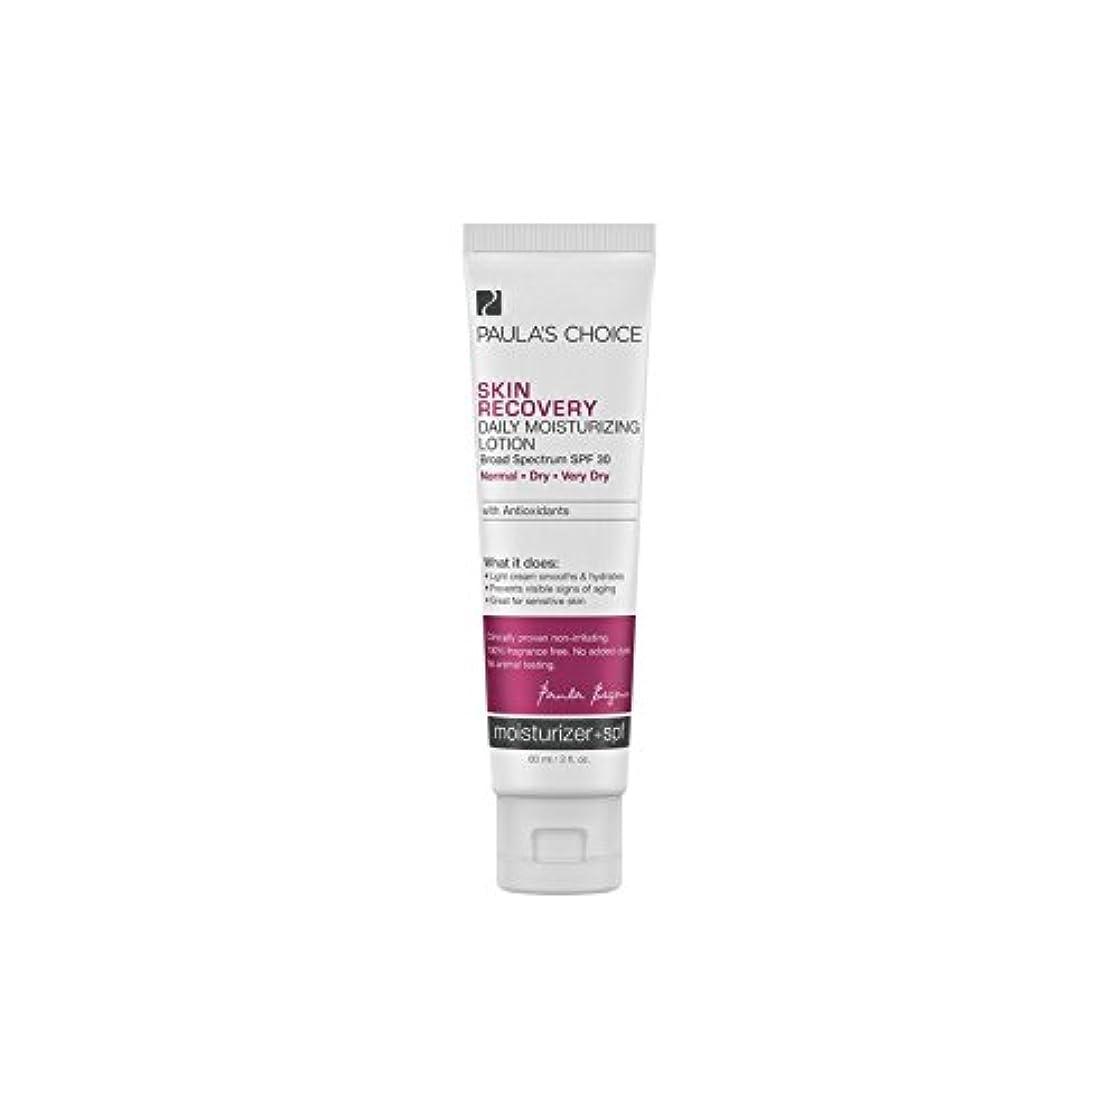 底セブン視聴者Paula's Choice Skin Recovery Daily Moisturizing Lotion Spf30 (60ml) (Pack of 6) - ポーラチョイスの肌の回復毎日の保湿ローション30(60ミリリットル) x6 [並行輸入品]